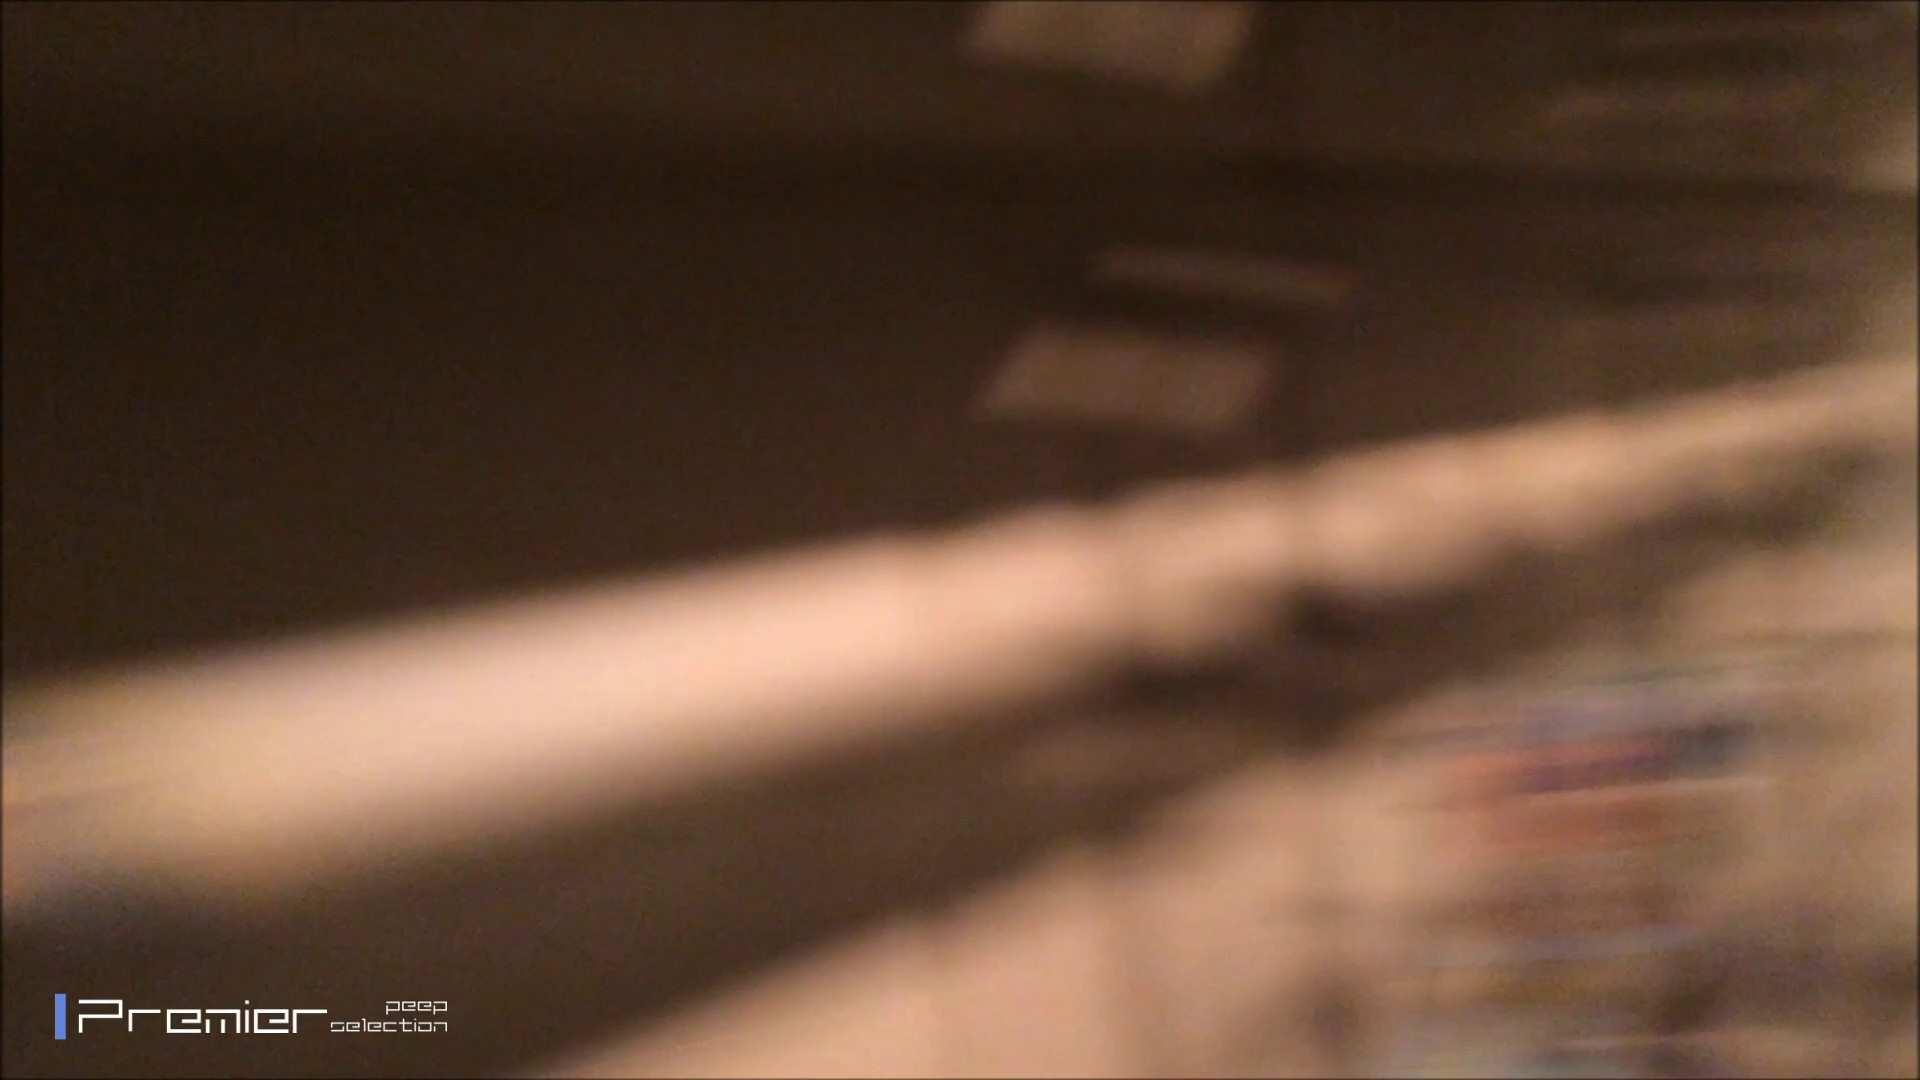 高画質フルハイビジョン スレンダー美女の入浴 乙女の風呂場 Vol.04 乙女もsex SEX無修正画像 76枚 13